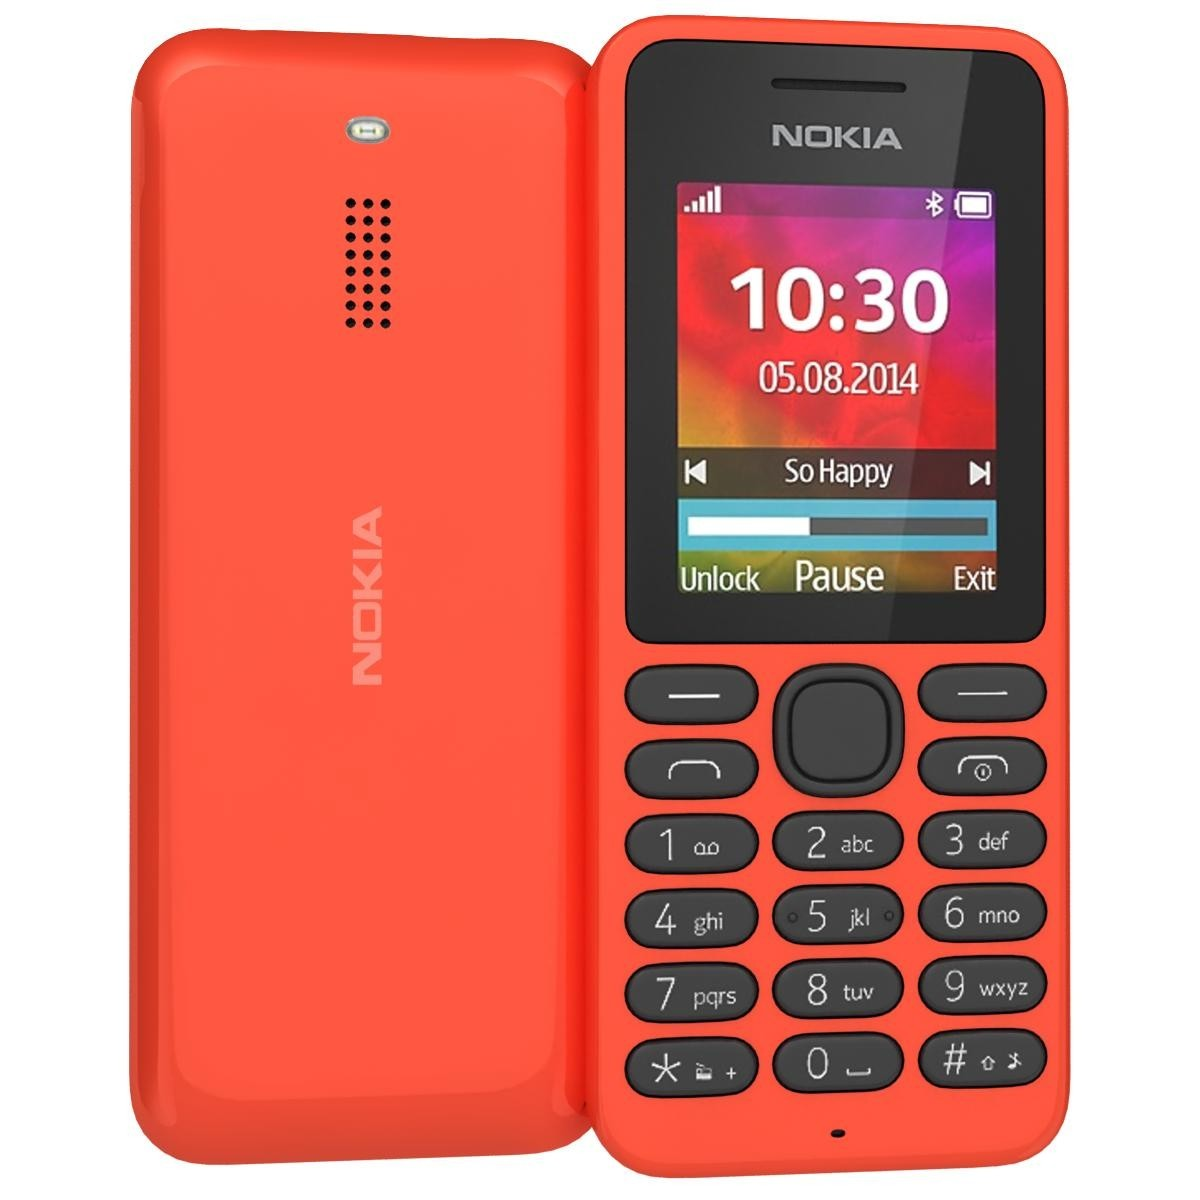 23f27ea52ca93 Nokia 130 Dual Sim – купить мобильный телефон, сравнение цен  интернет-магазинов: фото, характеристики, описание | E-Katalog